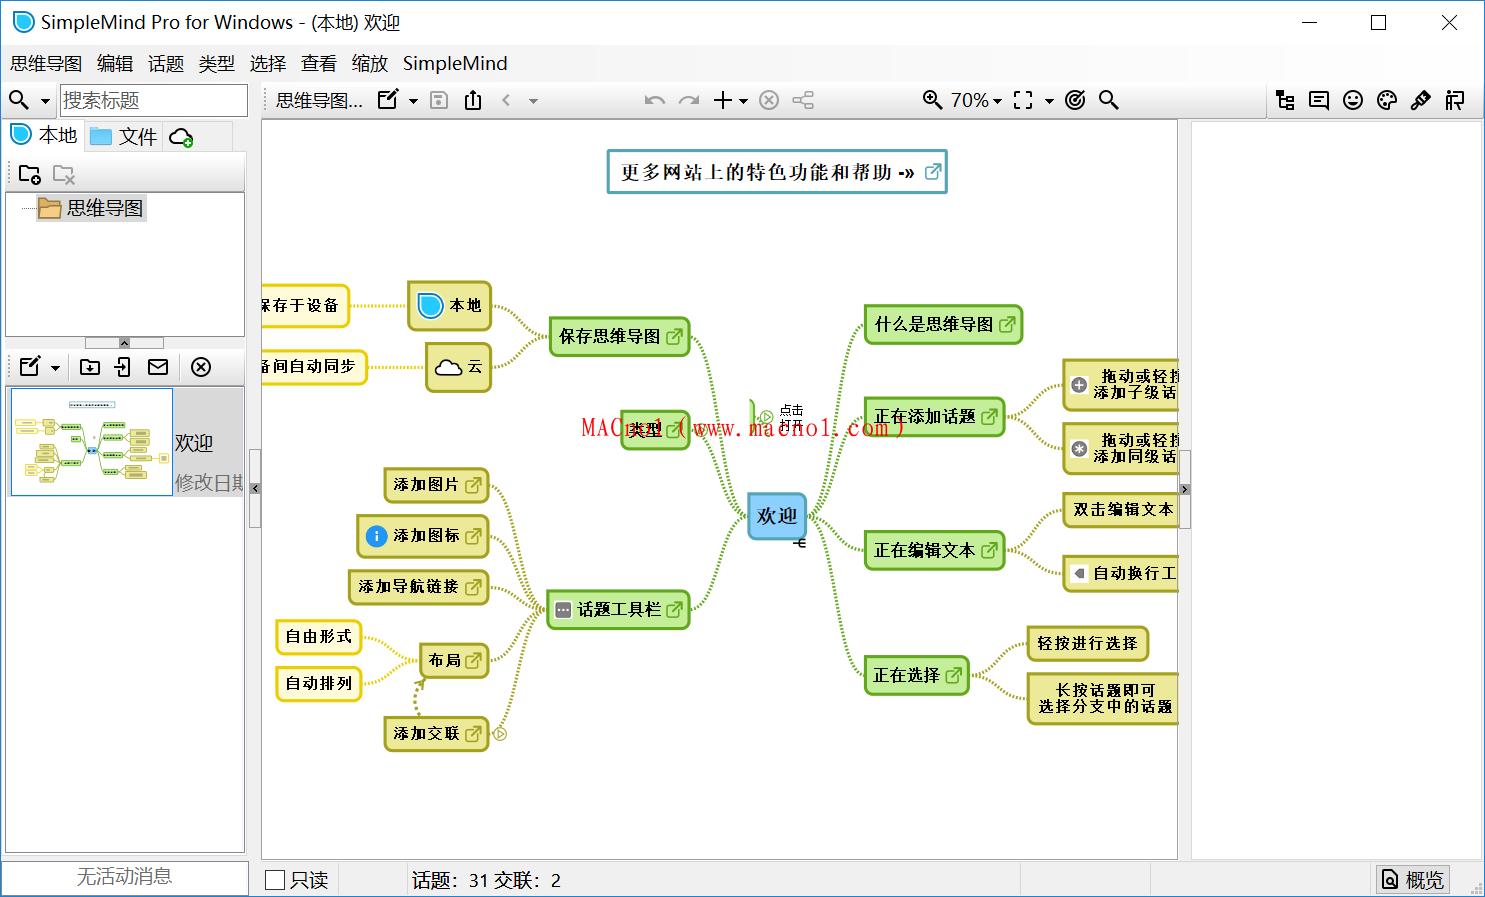 思维导图软件 SimpleMind Pro 1.27.0 绿色破解版(免激活码)